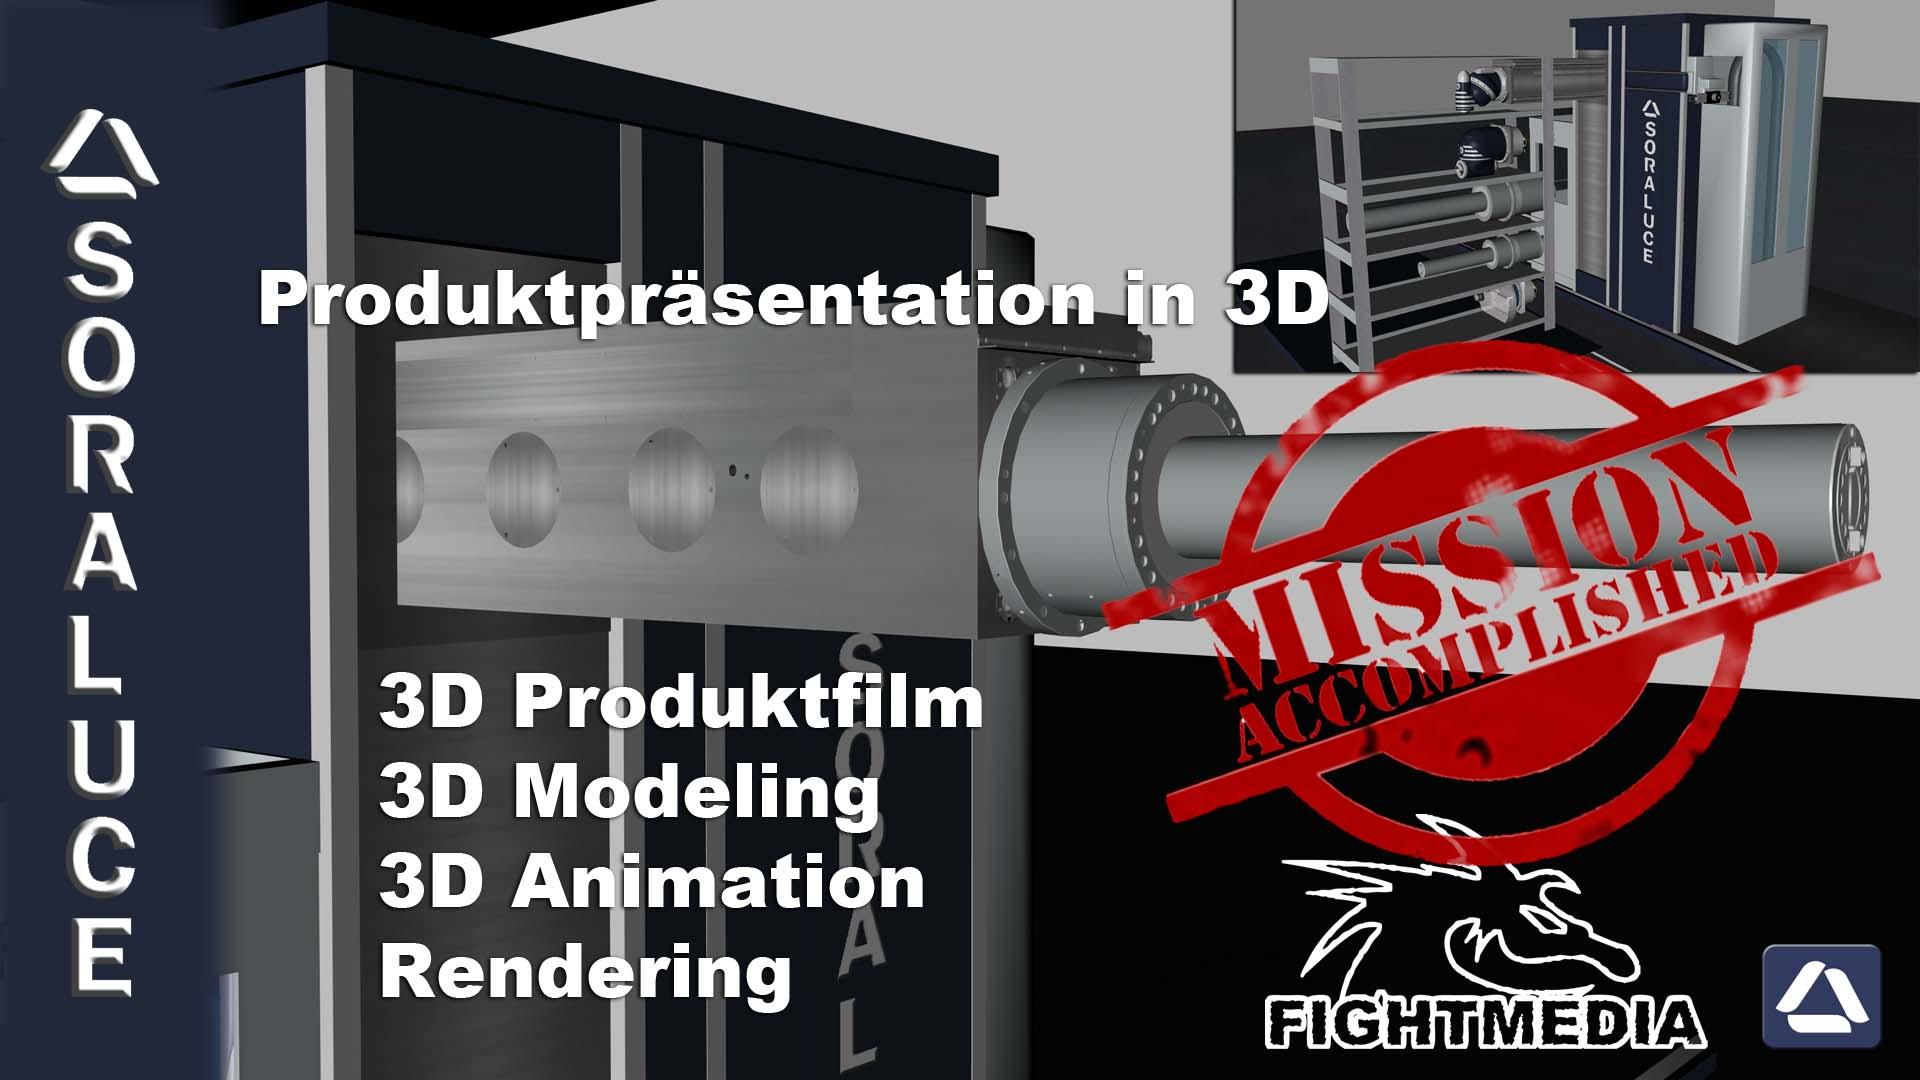 Produktpräsentation in 3D